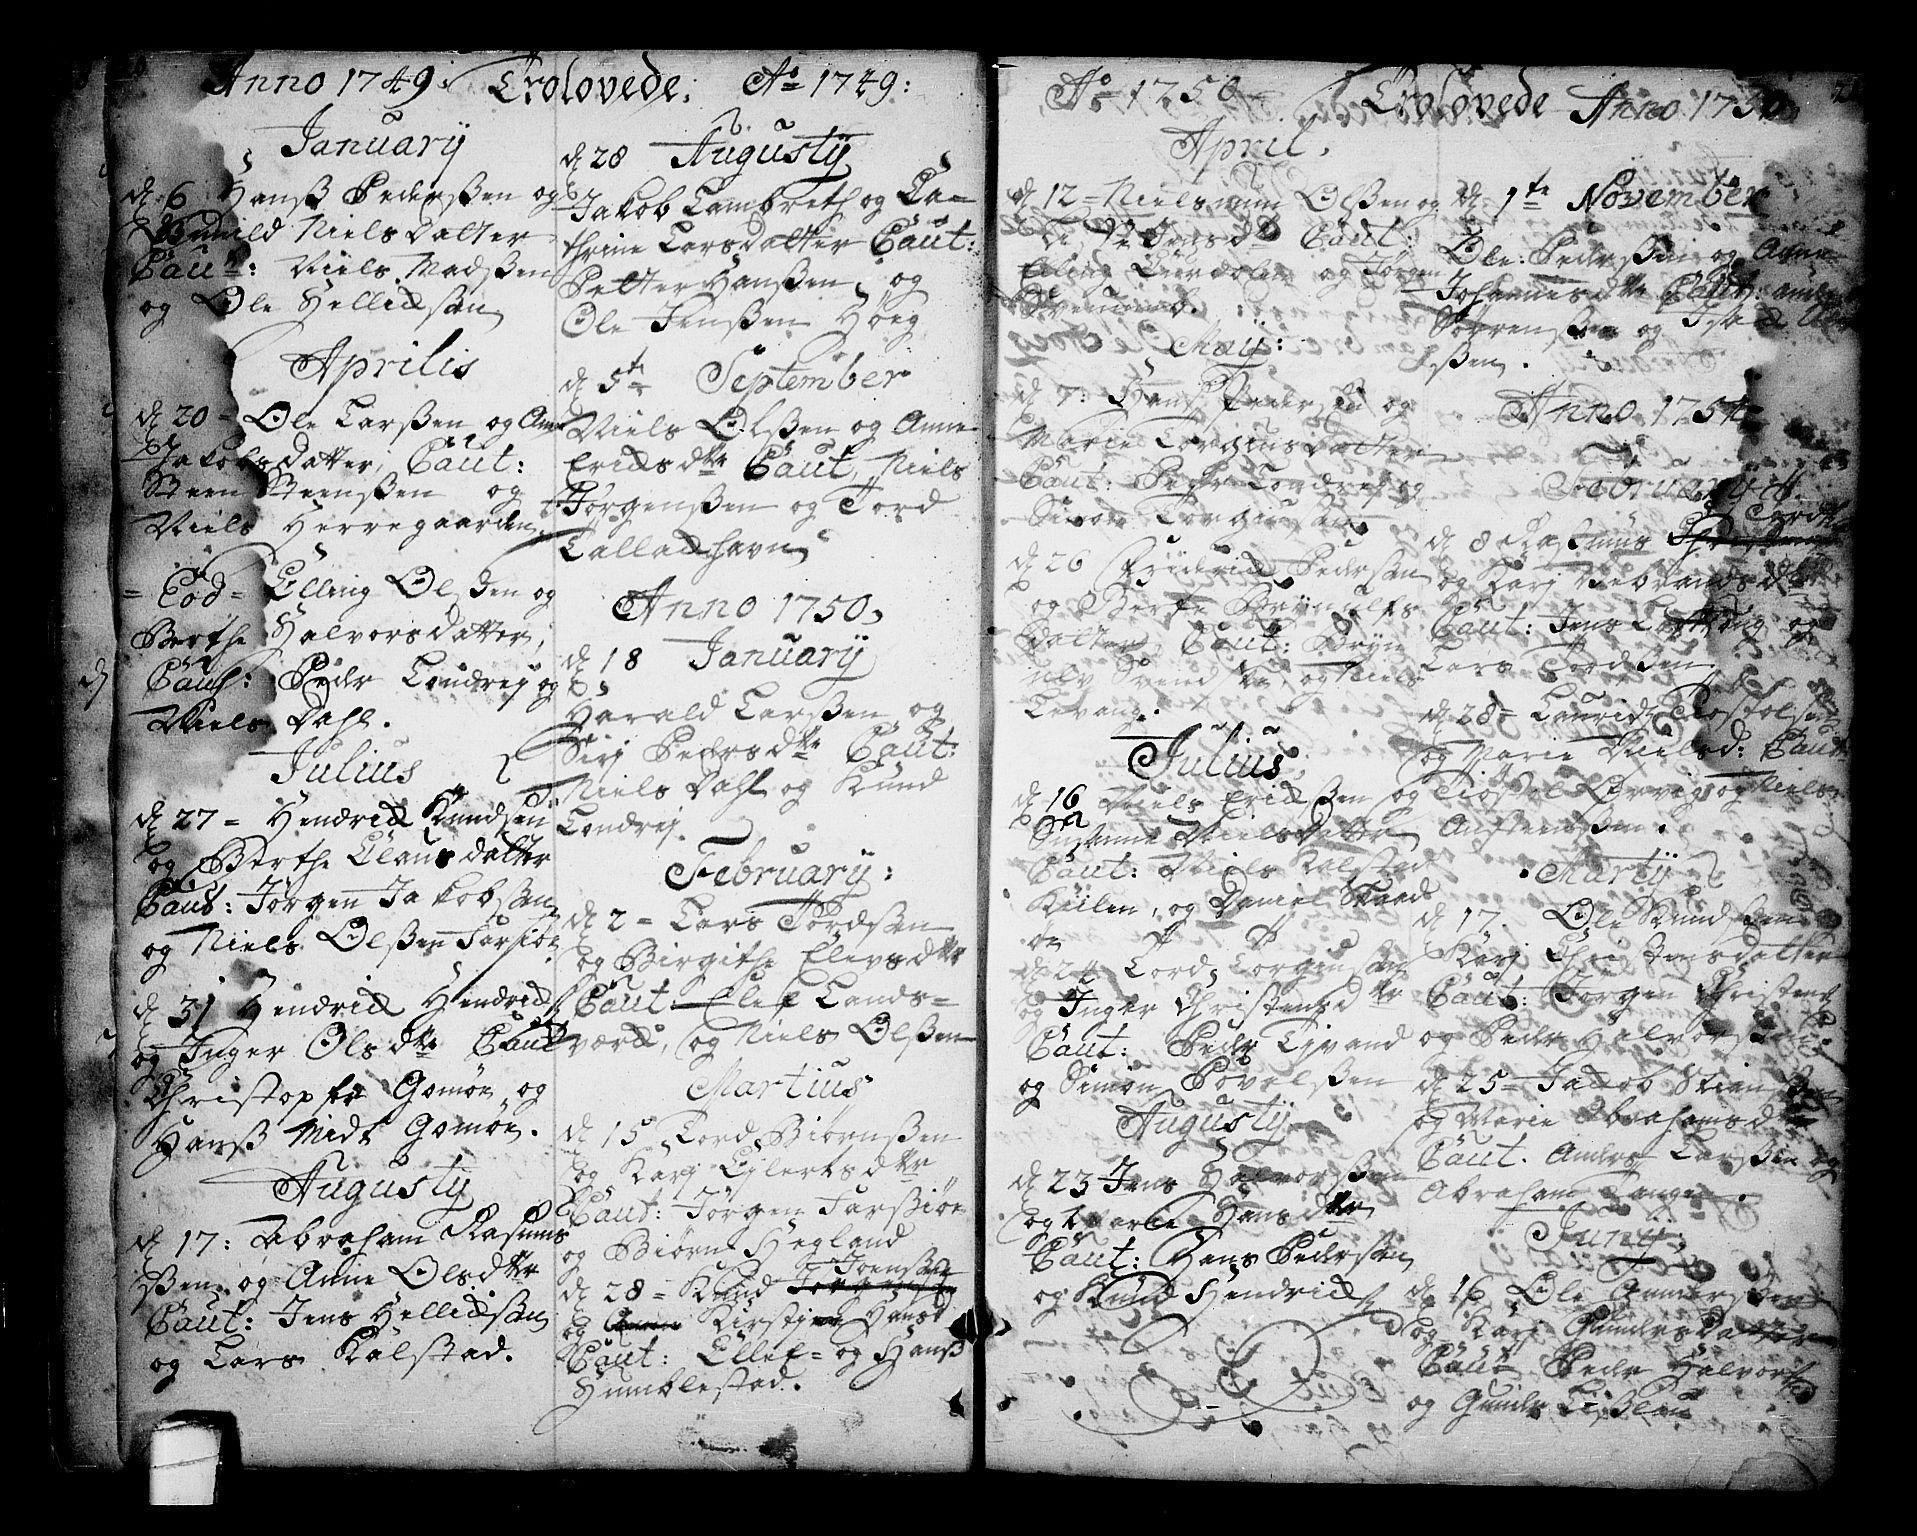 SAKO, Sannidal kirkebøker, F/Fa/L0001: Ministerialbok nr. 1, 1702-1766, s. 20-21